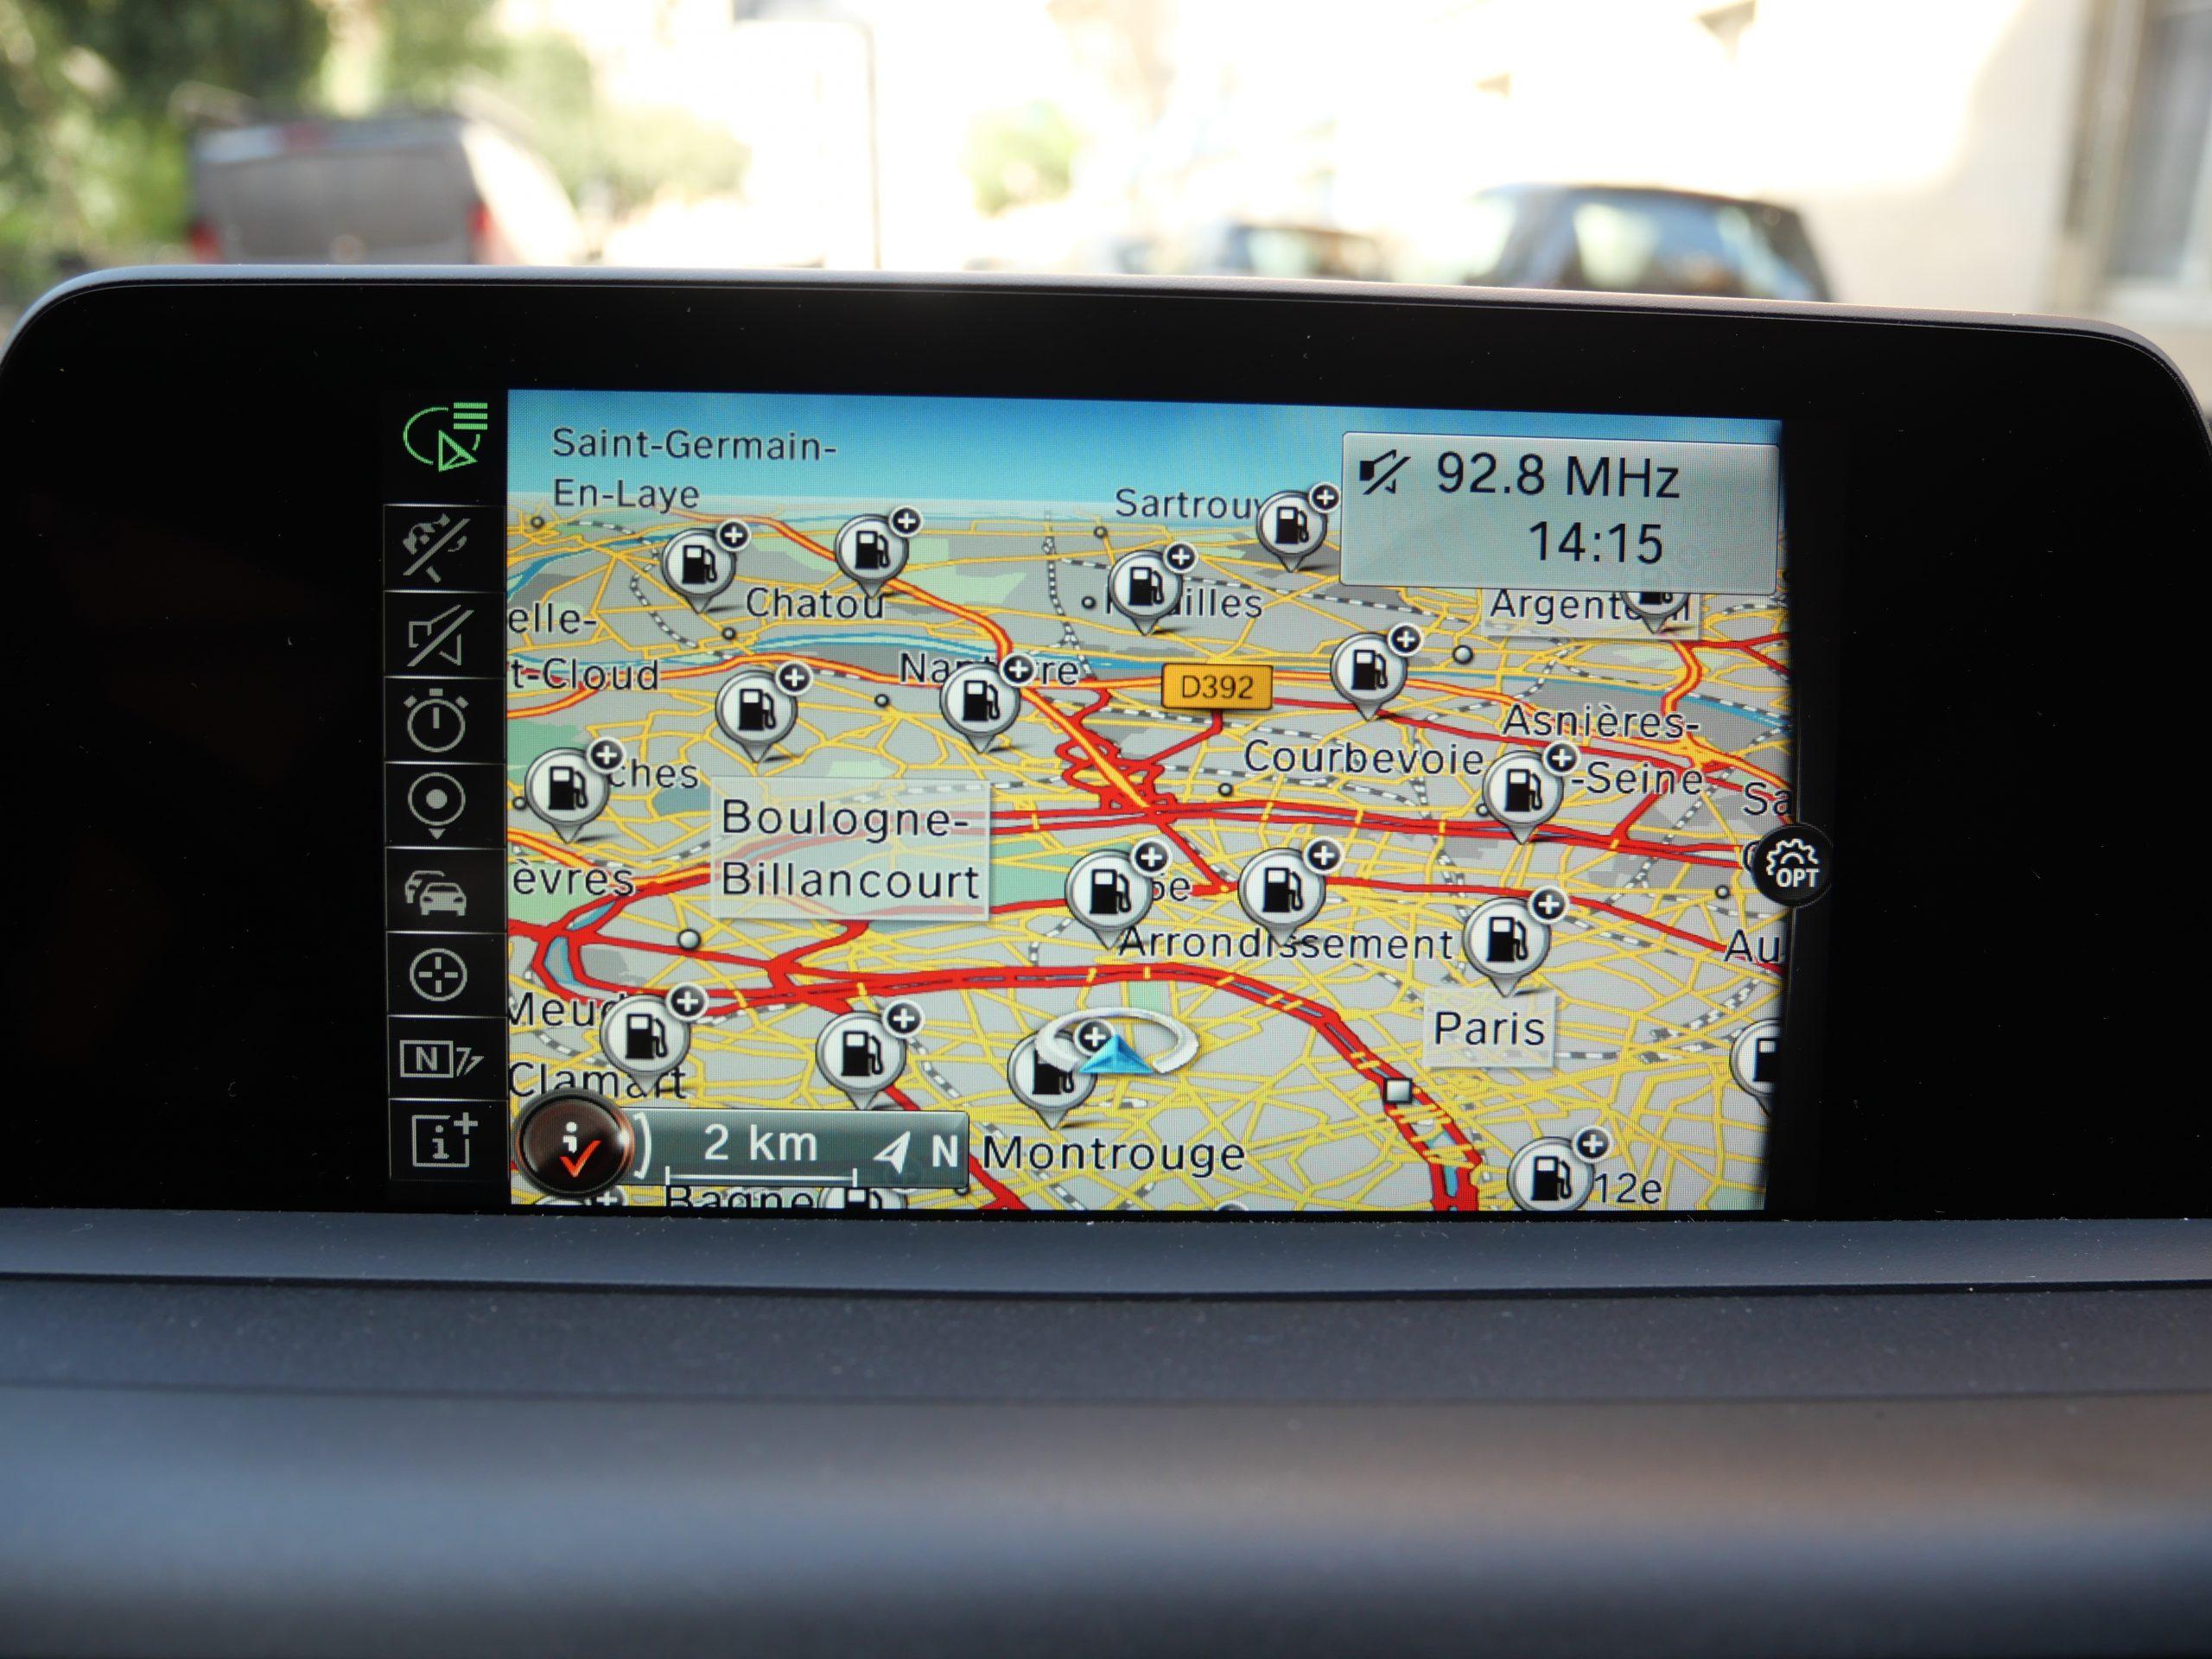 BMW Série 1 (F20) XDrive LCI 120d 2.0 d 190ch 15